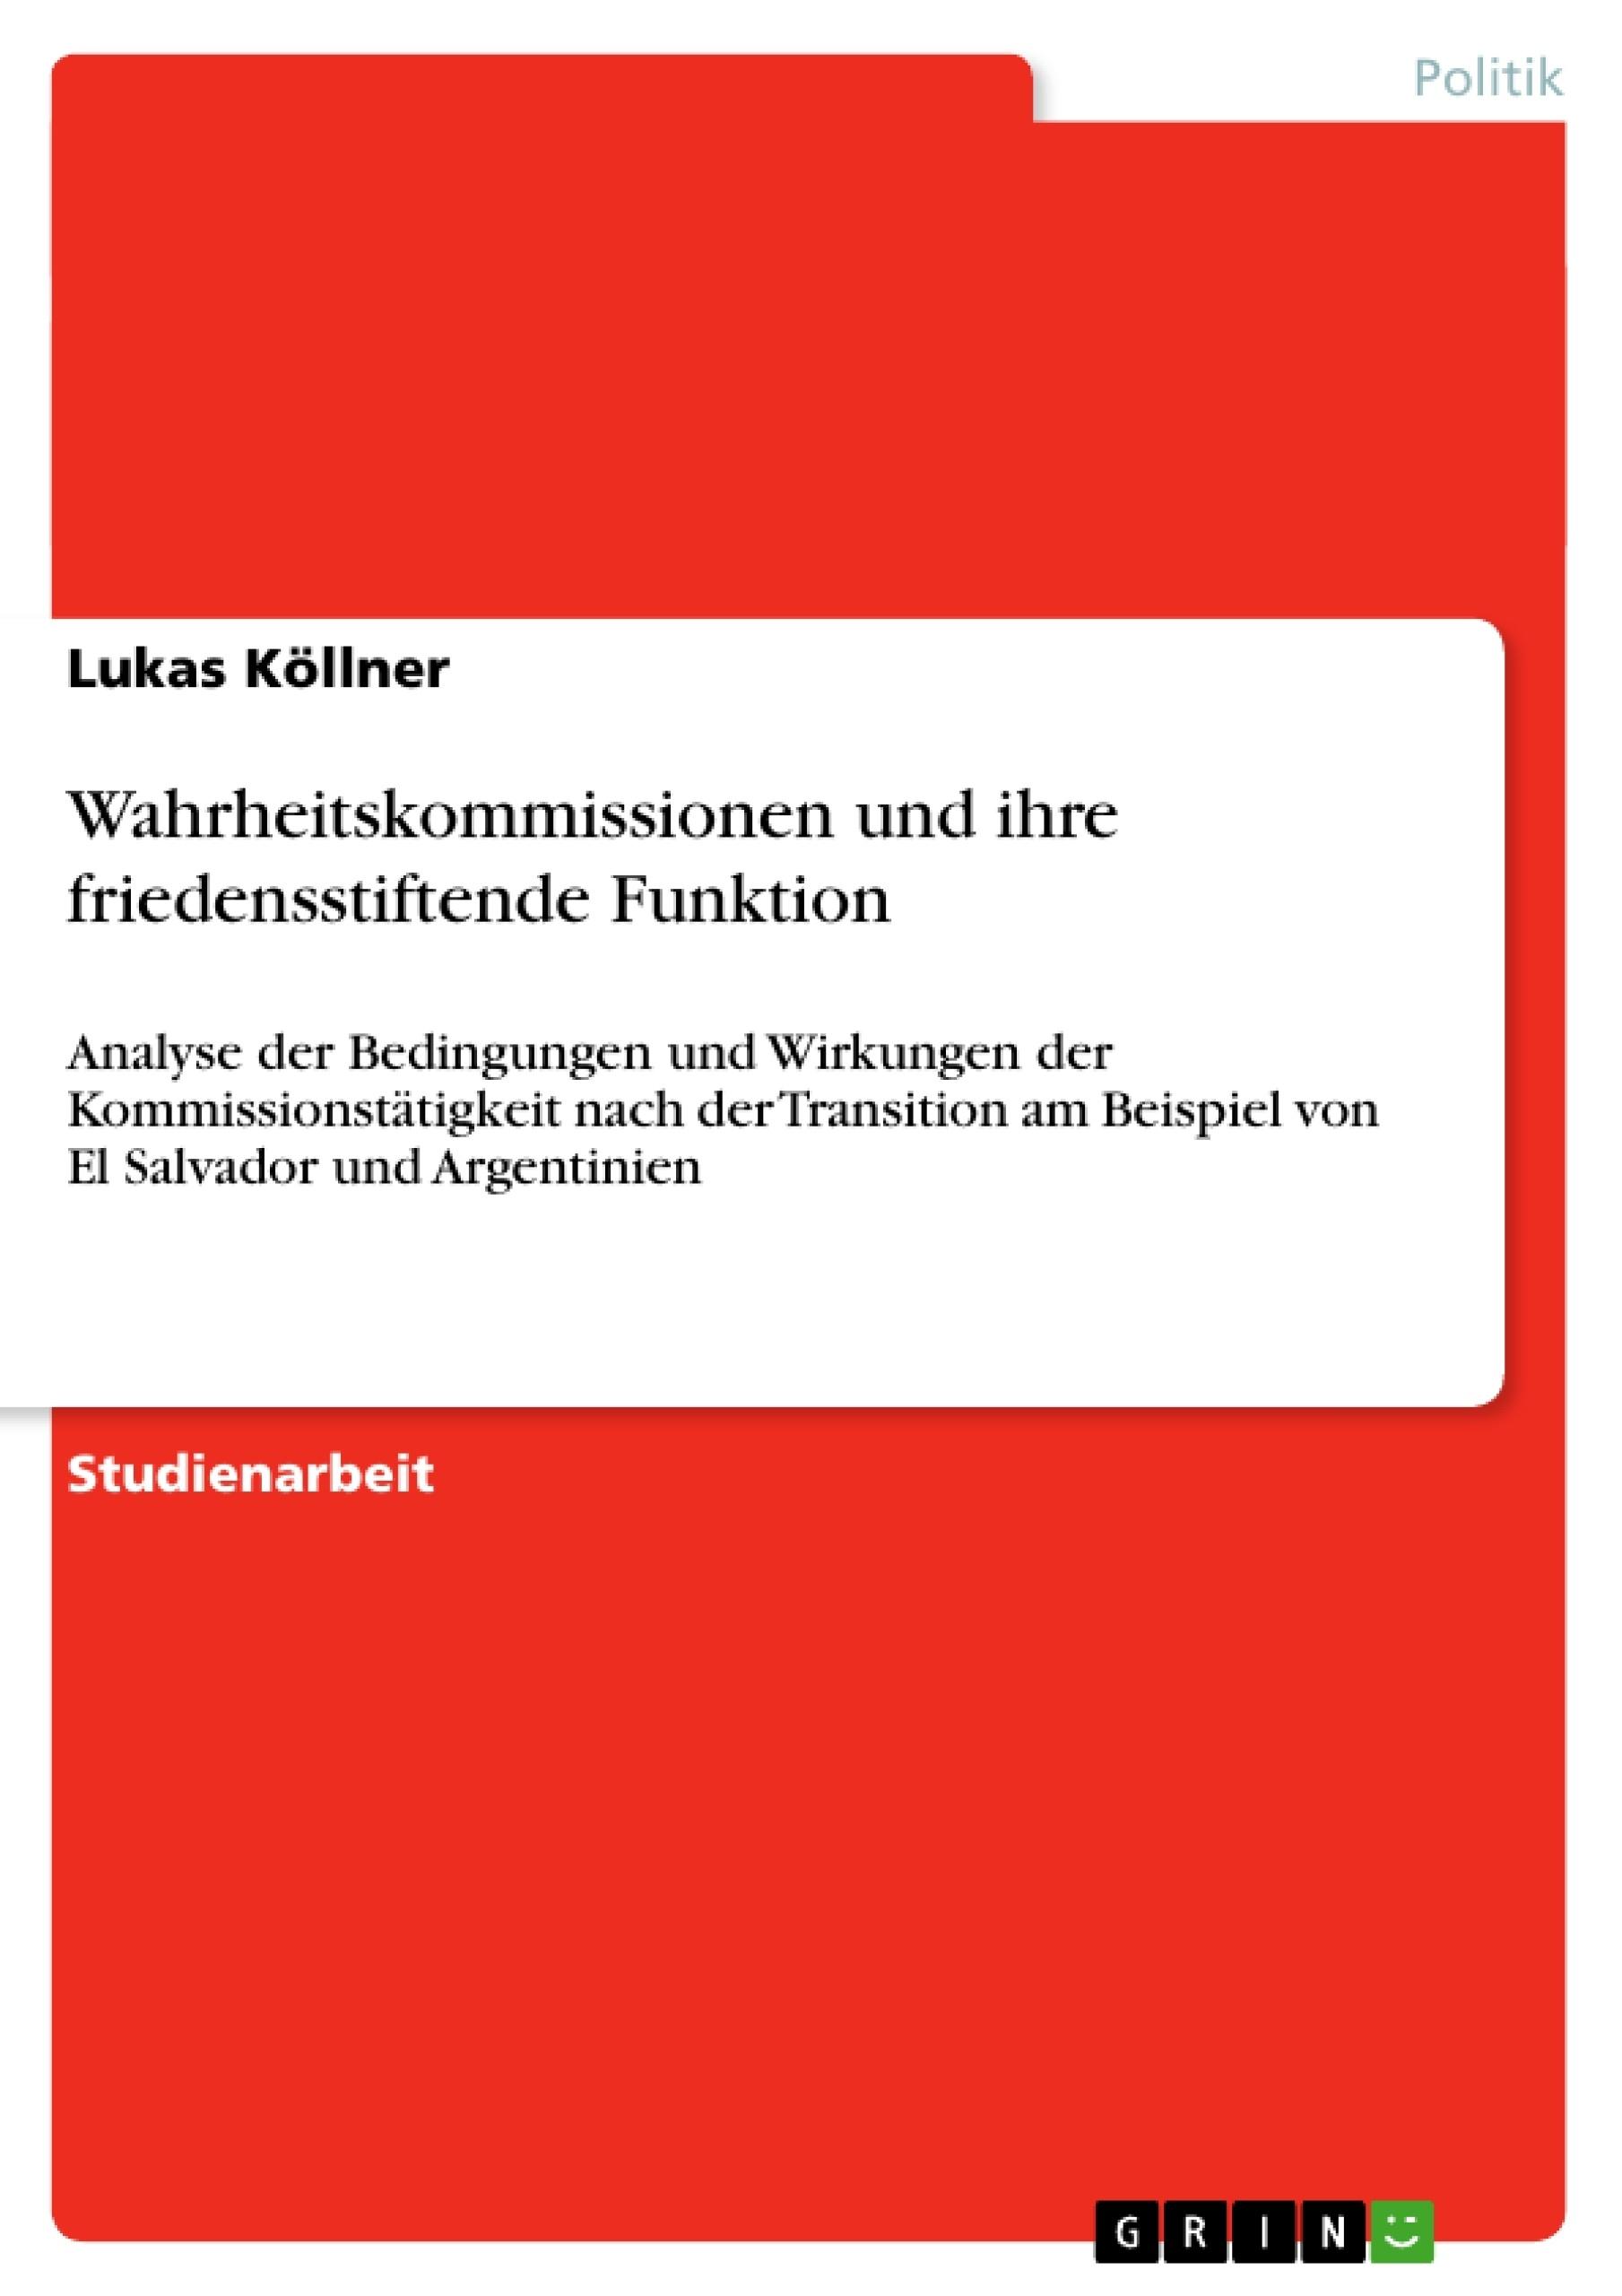 Titel: Wahrheitskommissionen und ihre friedensstiftende Funktion